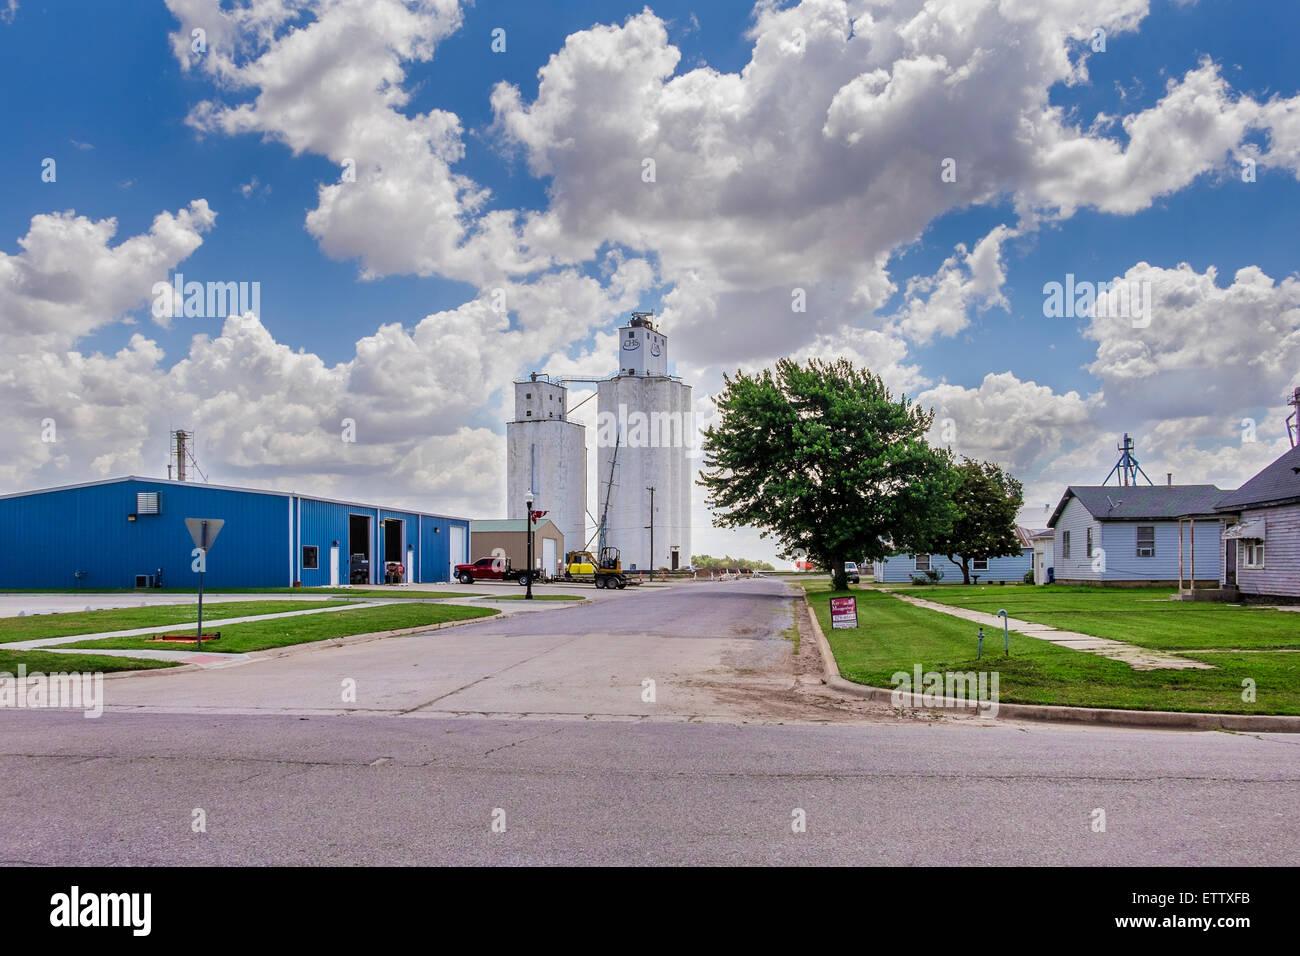 Getreidesilos in einer ländlichen Stadt Okarche, Oklahoma, USA. Stockbild